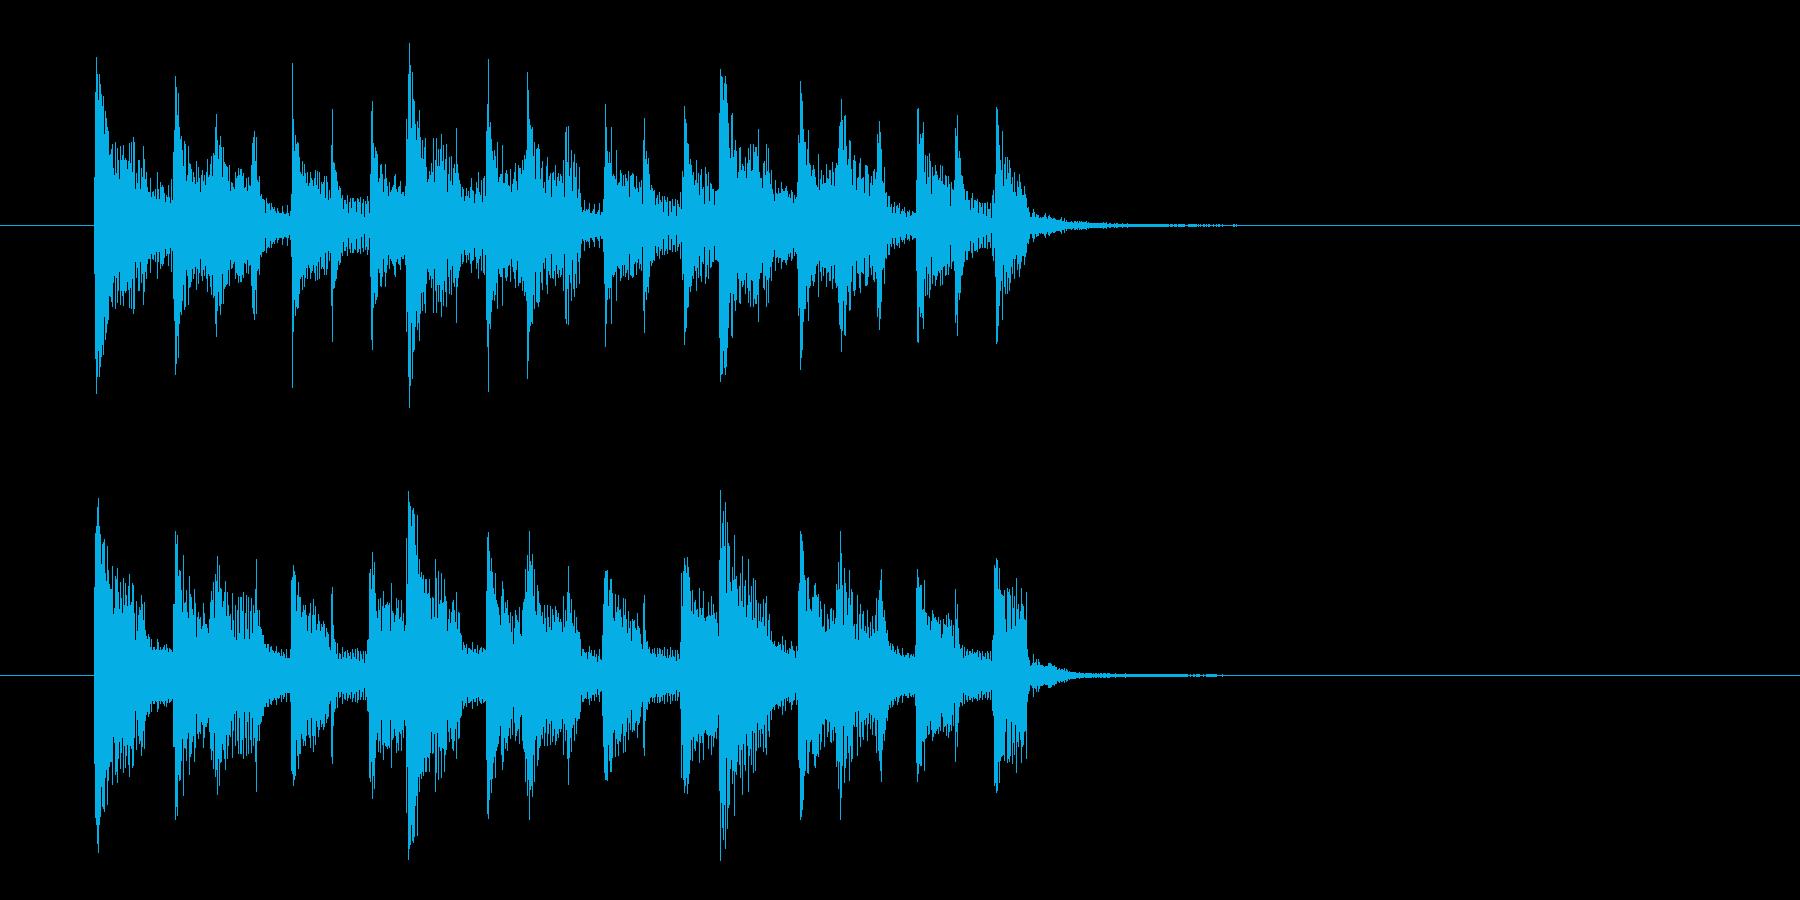 不思議でキャッチ―なシンセジングルの再生済みの波形